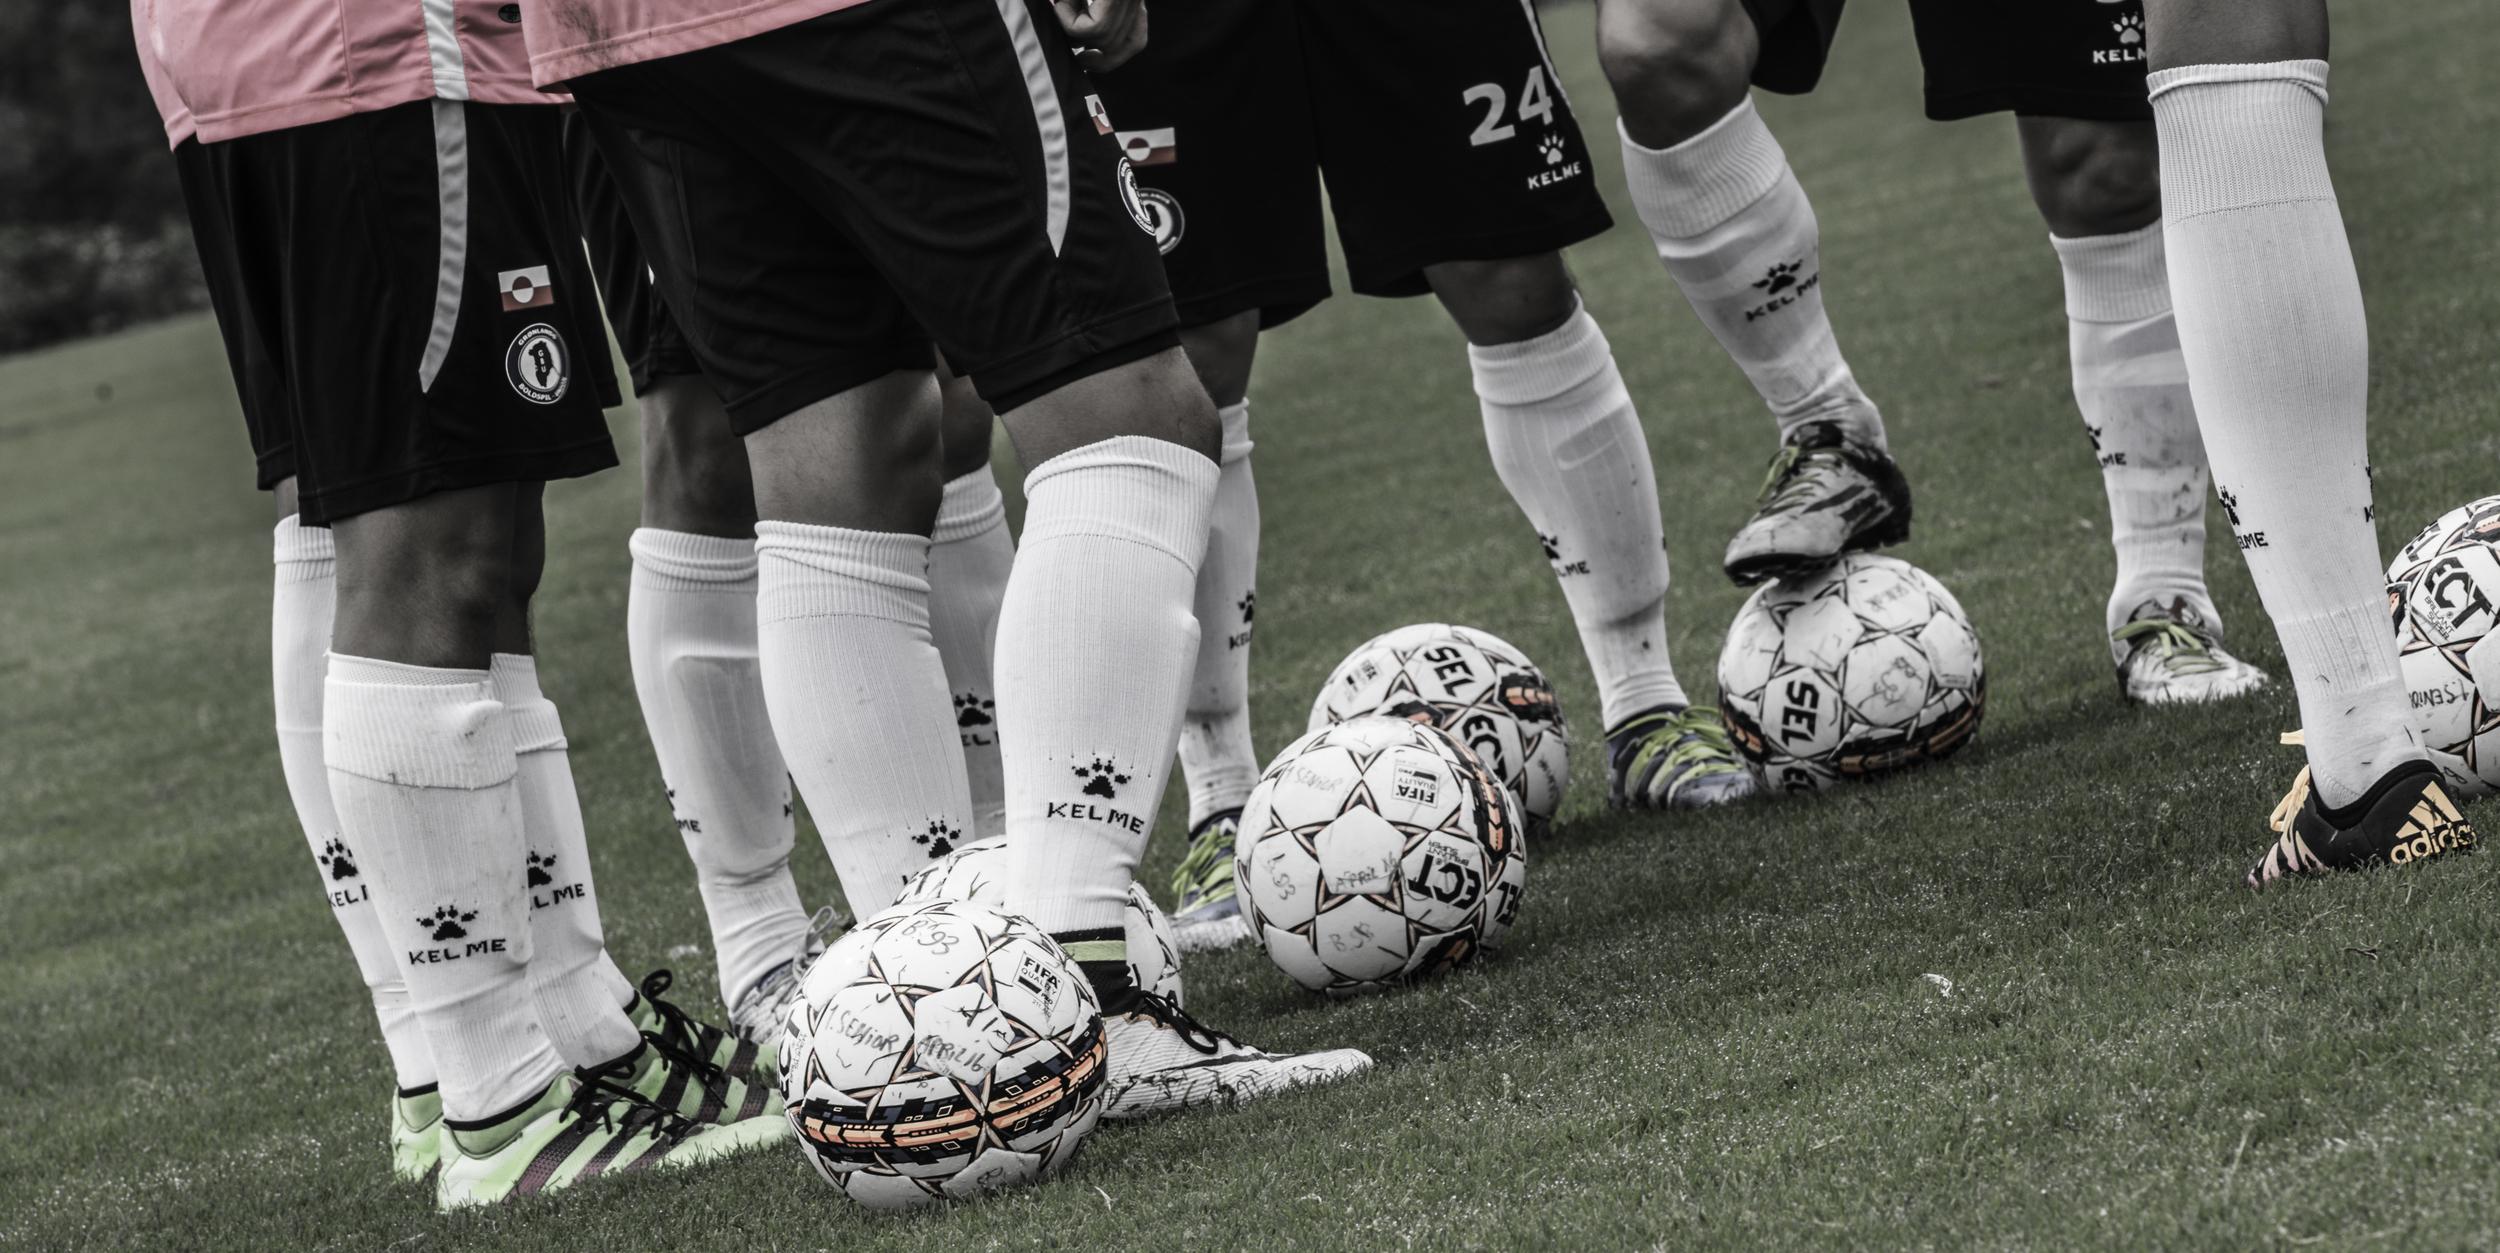 B-67 og G-44 er de mest succesrige klubber i Grønland. Klubberne har vundet samtlige grønlandske mesterskaber siden 2008.Foto: Malte LIllelund Nørgaard